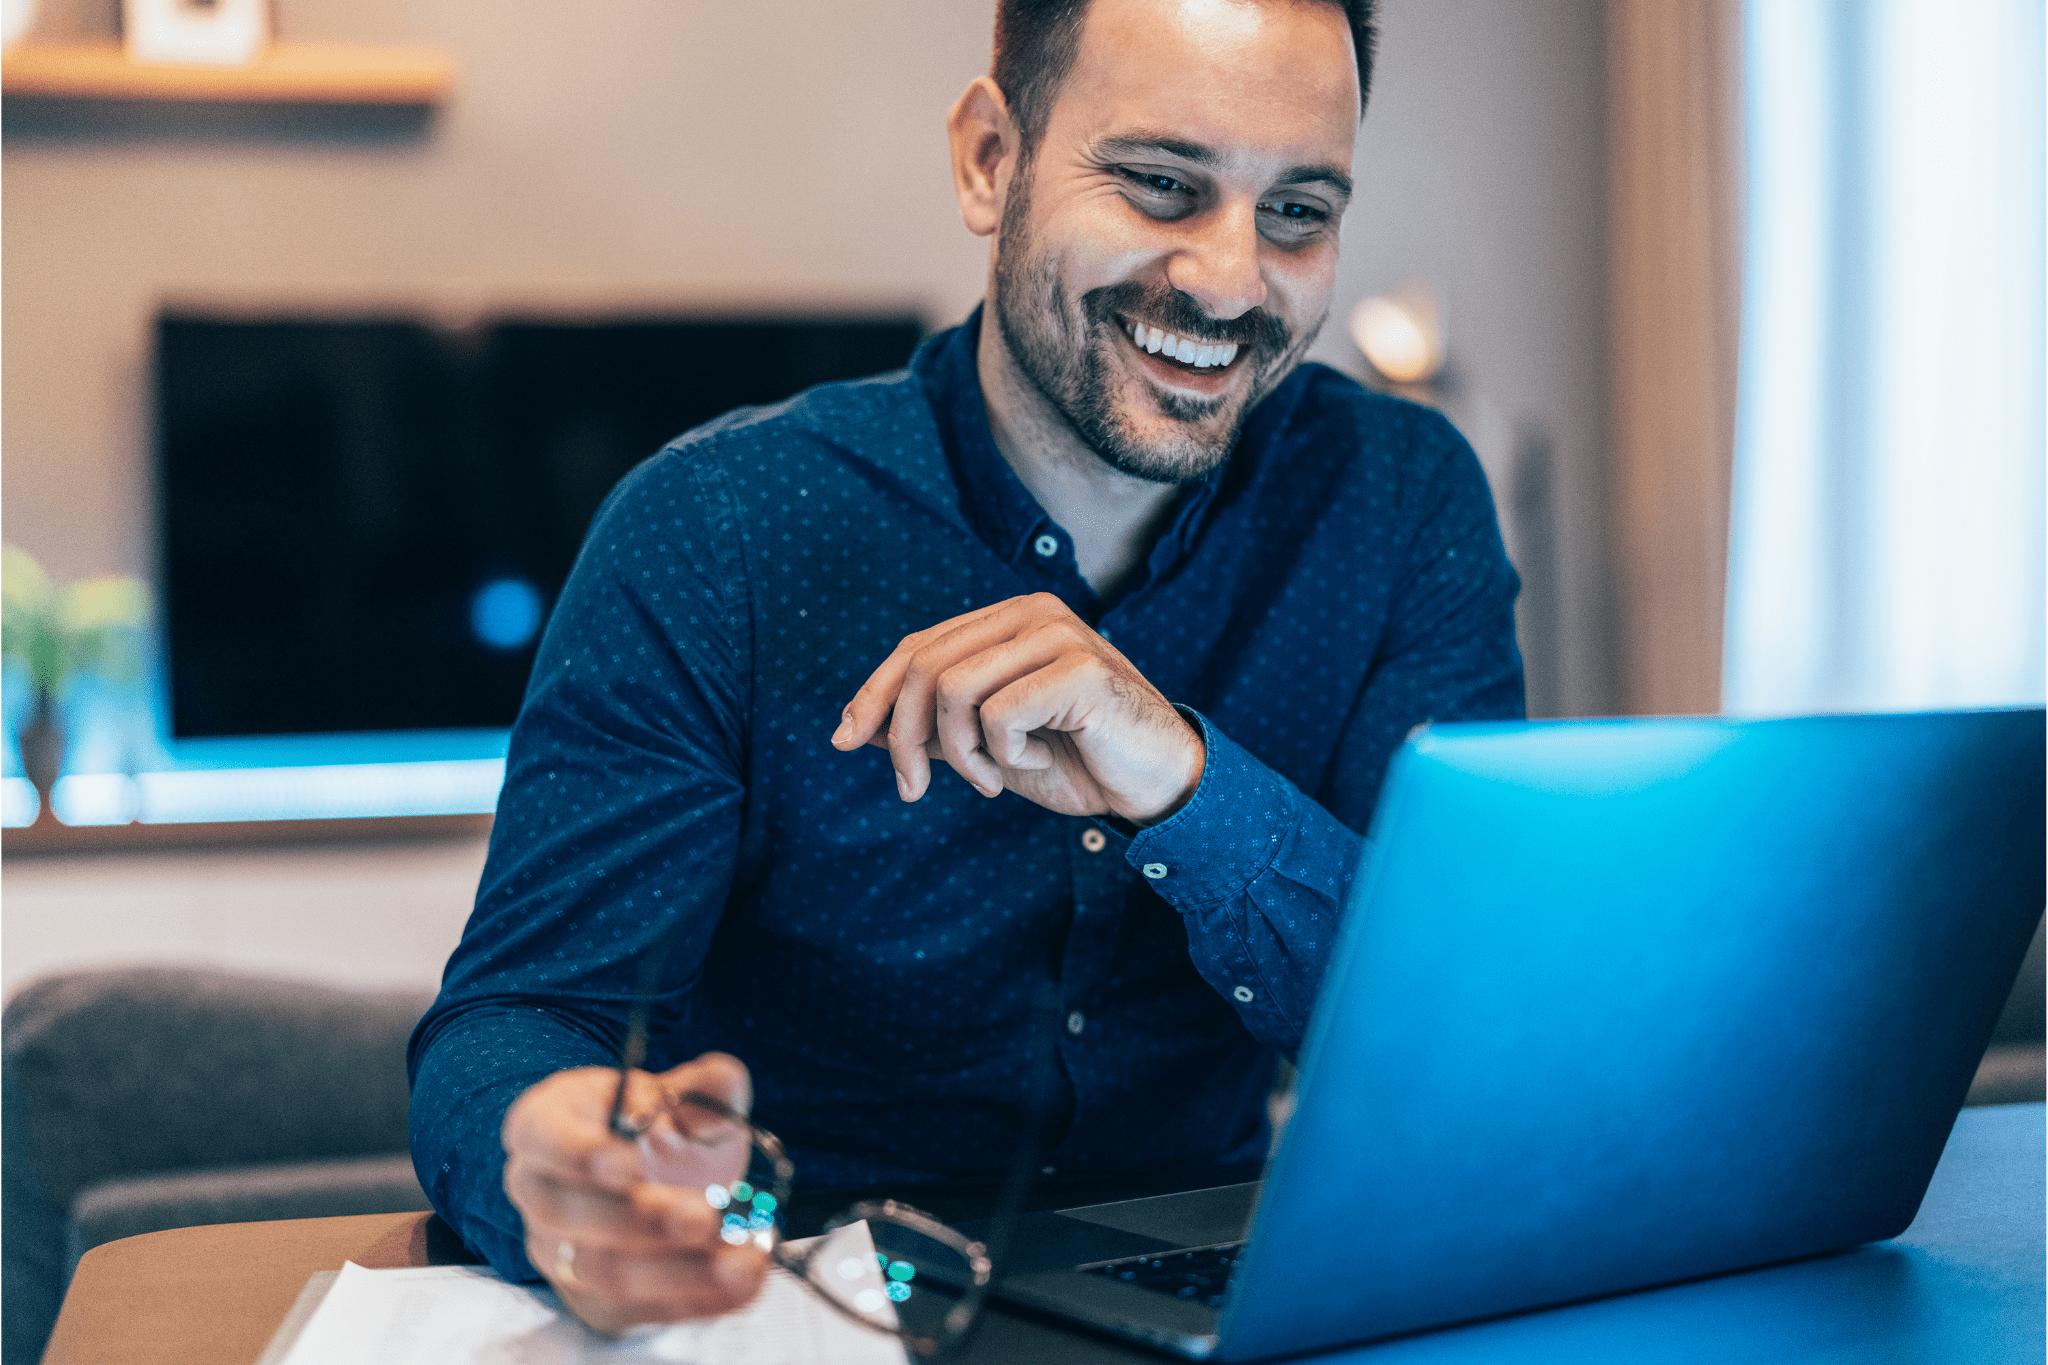 Agil arbeiten remote: 3 simple Tipps, wie es gelingt